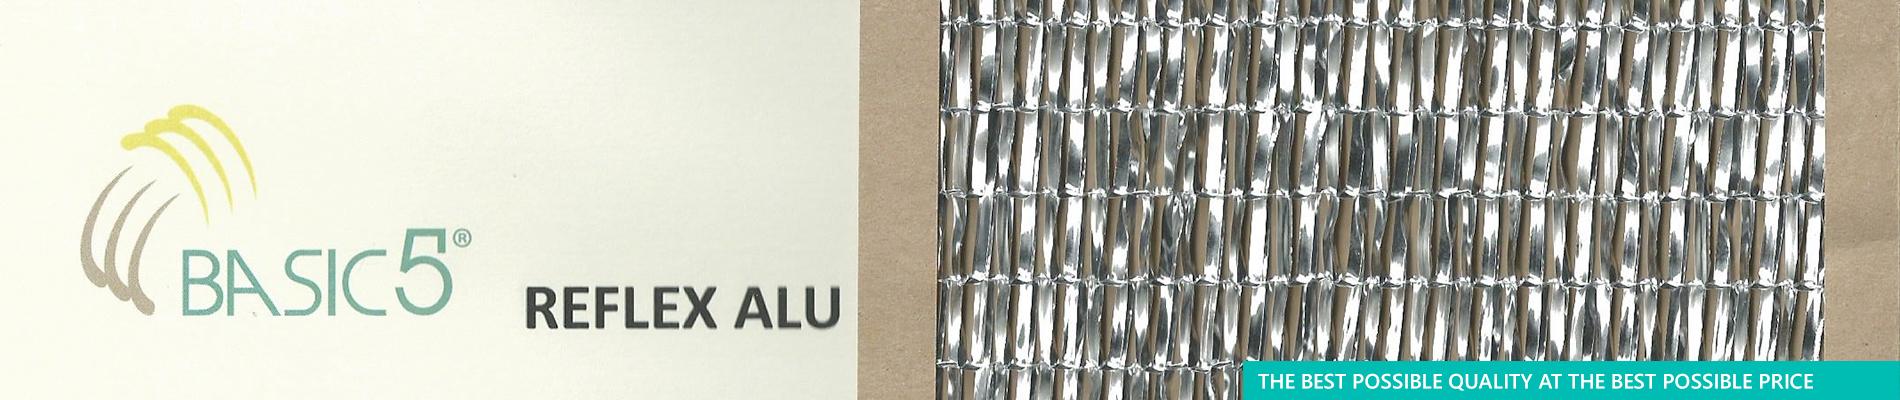 Produzione di tessuti tecnici per ombreggio - Aduno srl